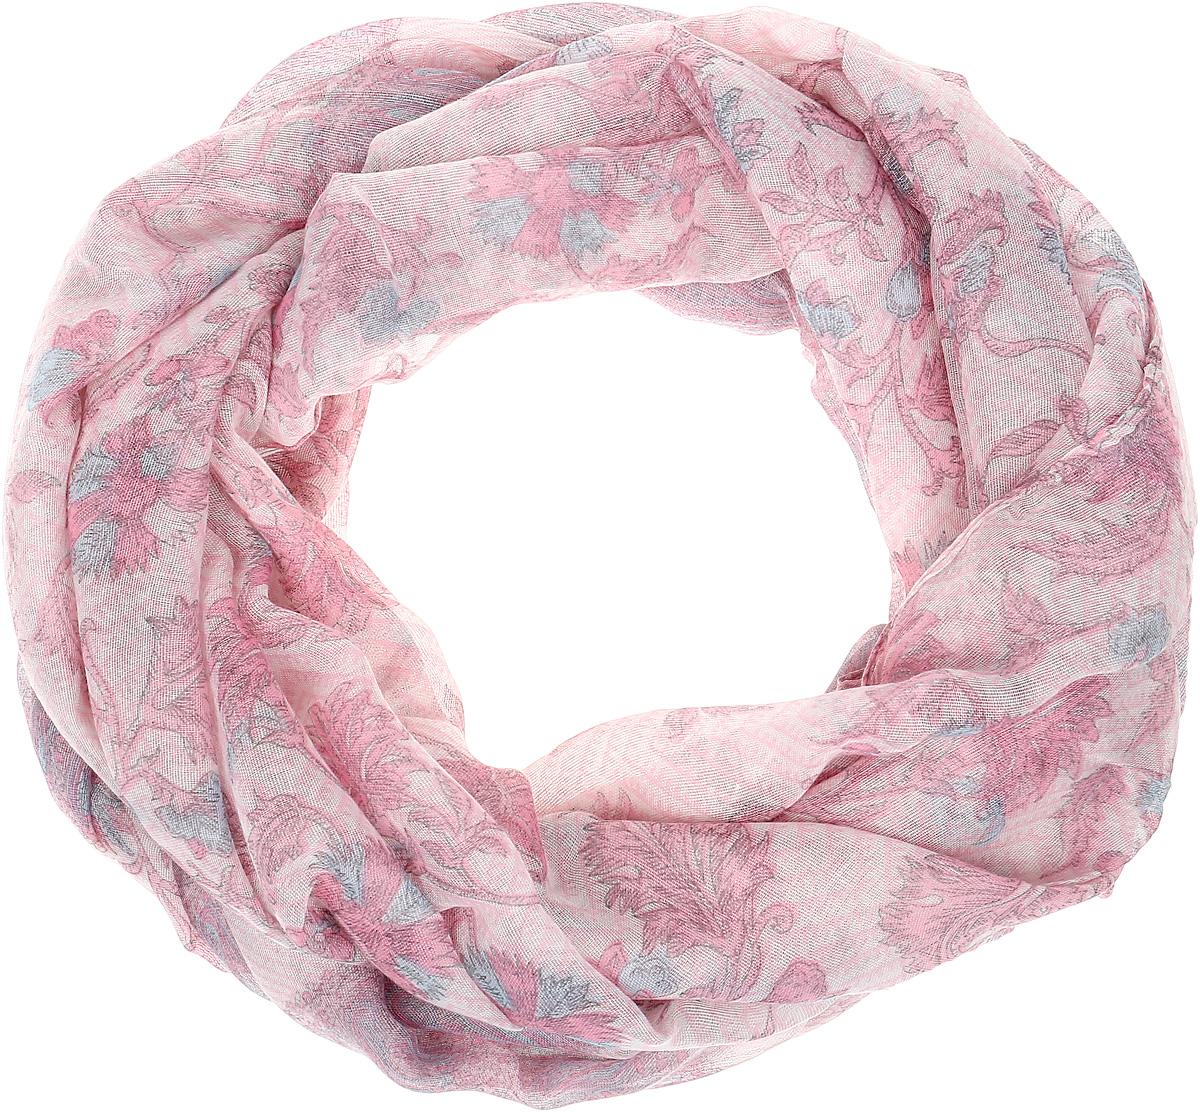 Палантин Sophie Ramage, цвет: розовый, серый. YY-21656-9. Размер 80 см х 180 смYY-21656-9Элегантный палантин Sophie Ramage станет достойным завершением вашего образа. Палантин изготовлен из высококачественного модала с добавлением шерсти. Оформлена модель стильными узорами и цветочным принтом. Палантин красиво драпируется, он превосходно дополнит любой наряд и подчеркнет ваш изысканный вкус. Легкий и изящный палантин привнесет в ваш образ утонченность и шарм.